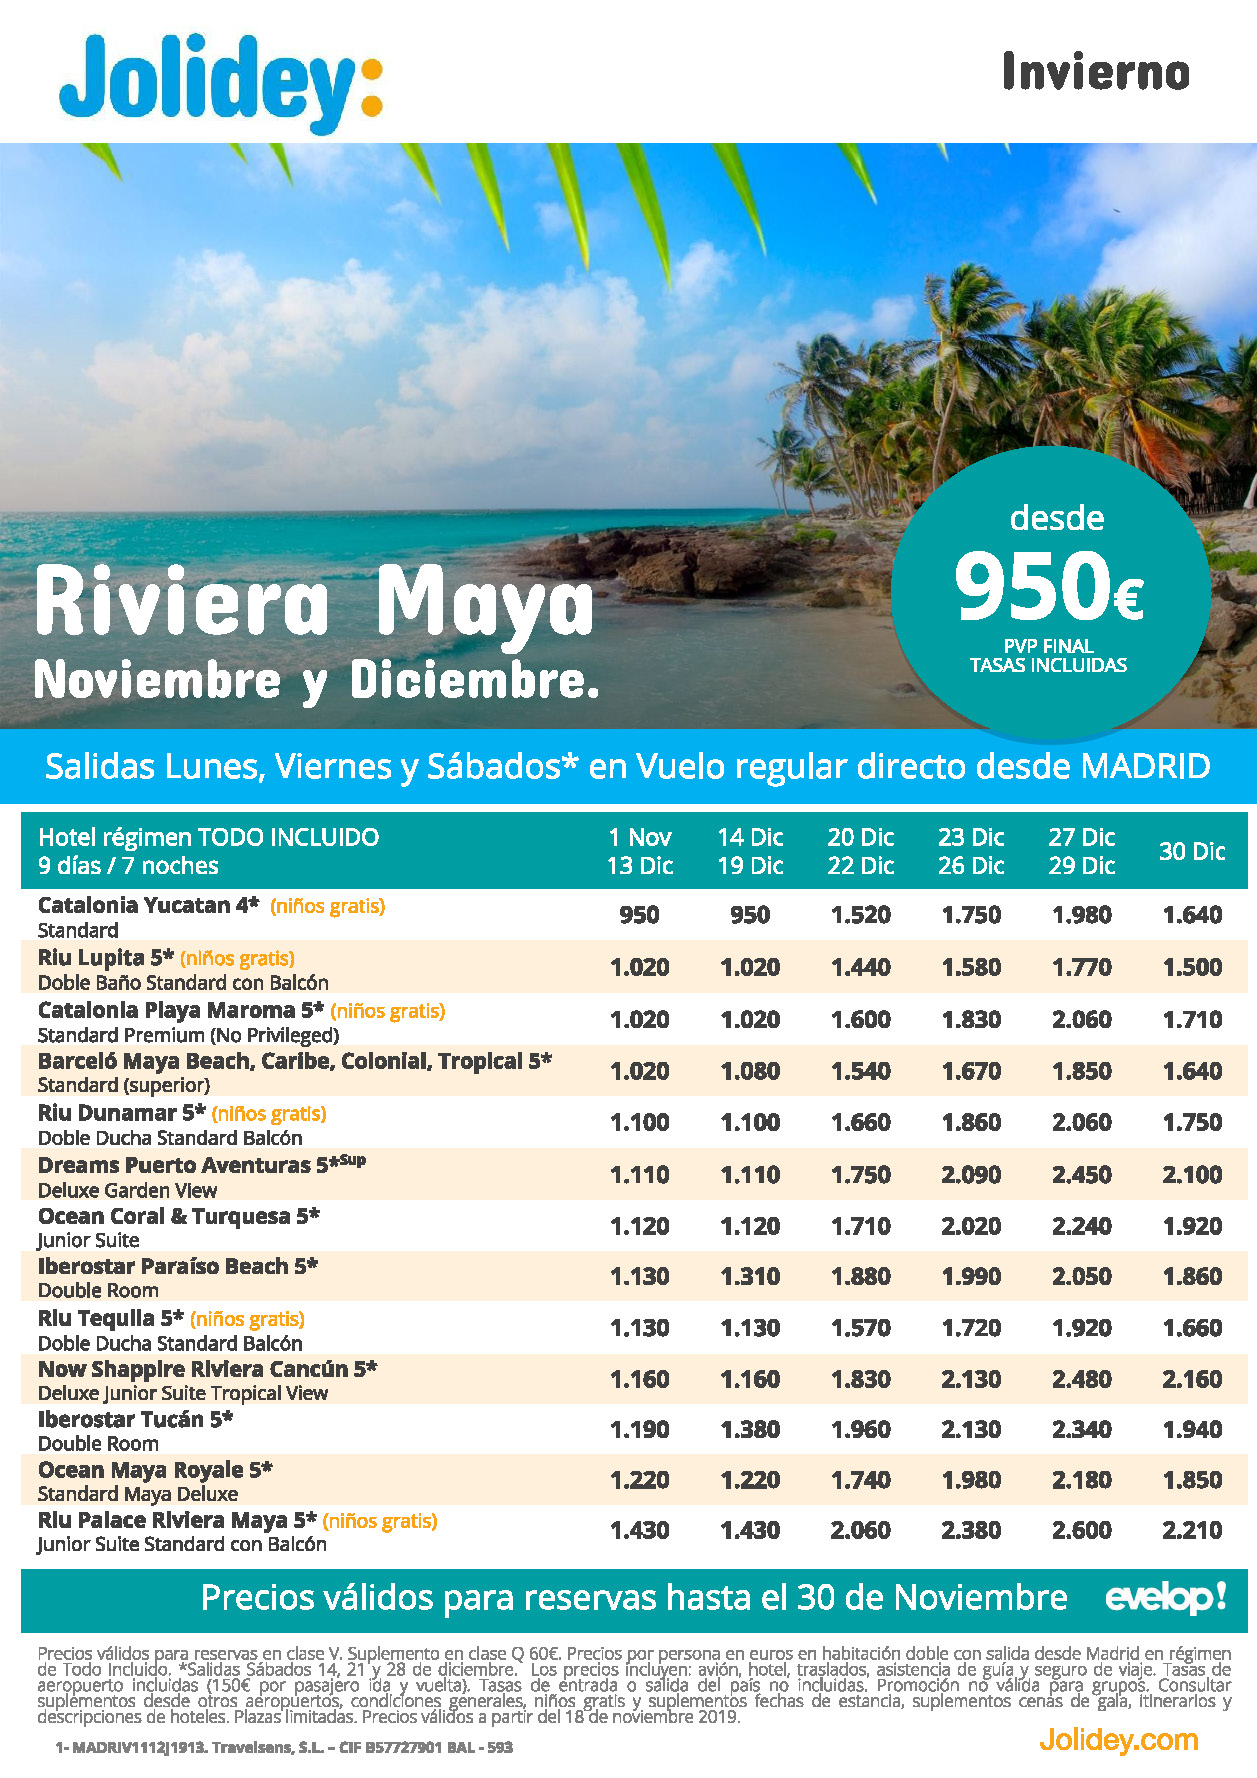 Ofertas Jolidey Vacaciones en Riviera Maya Noviembre Diciembre 2019